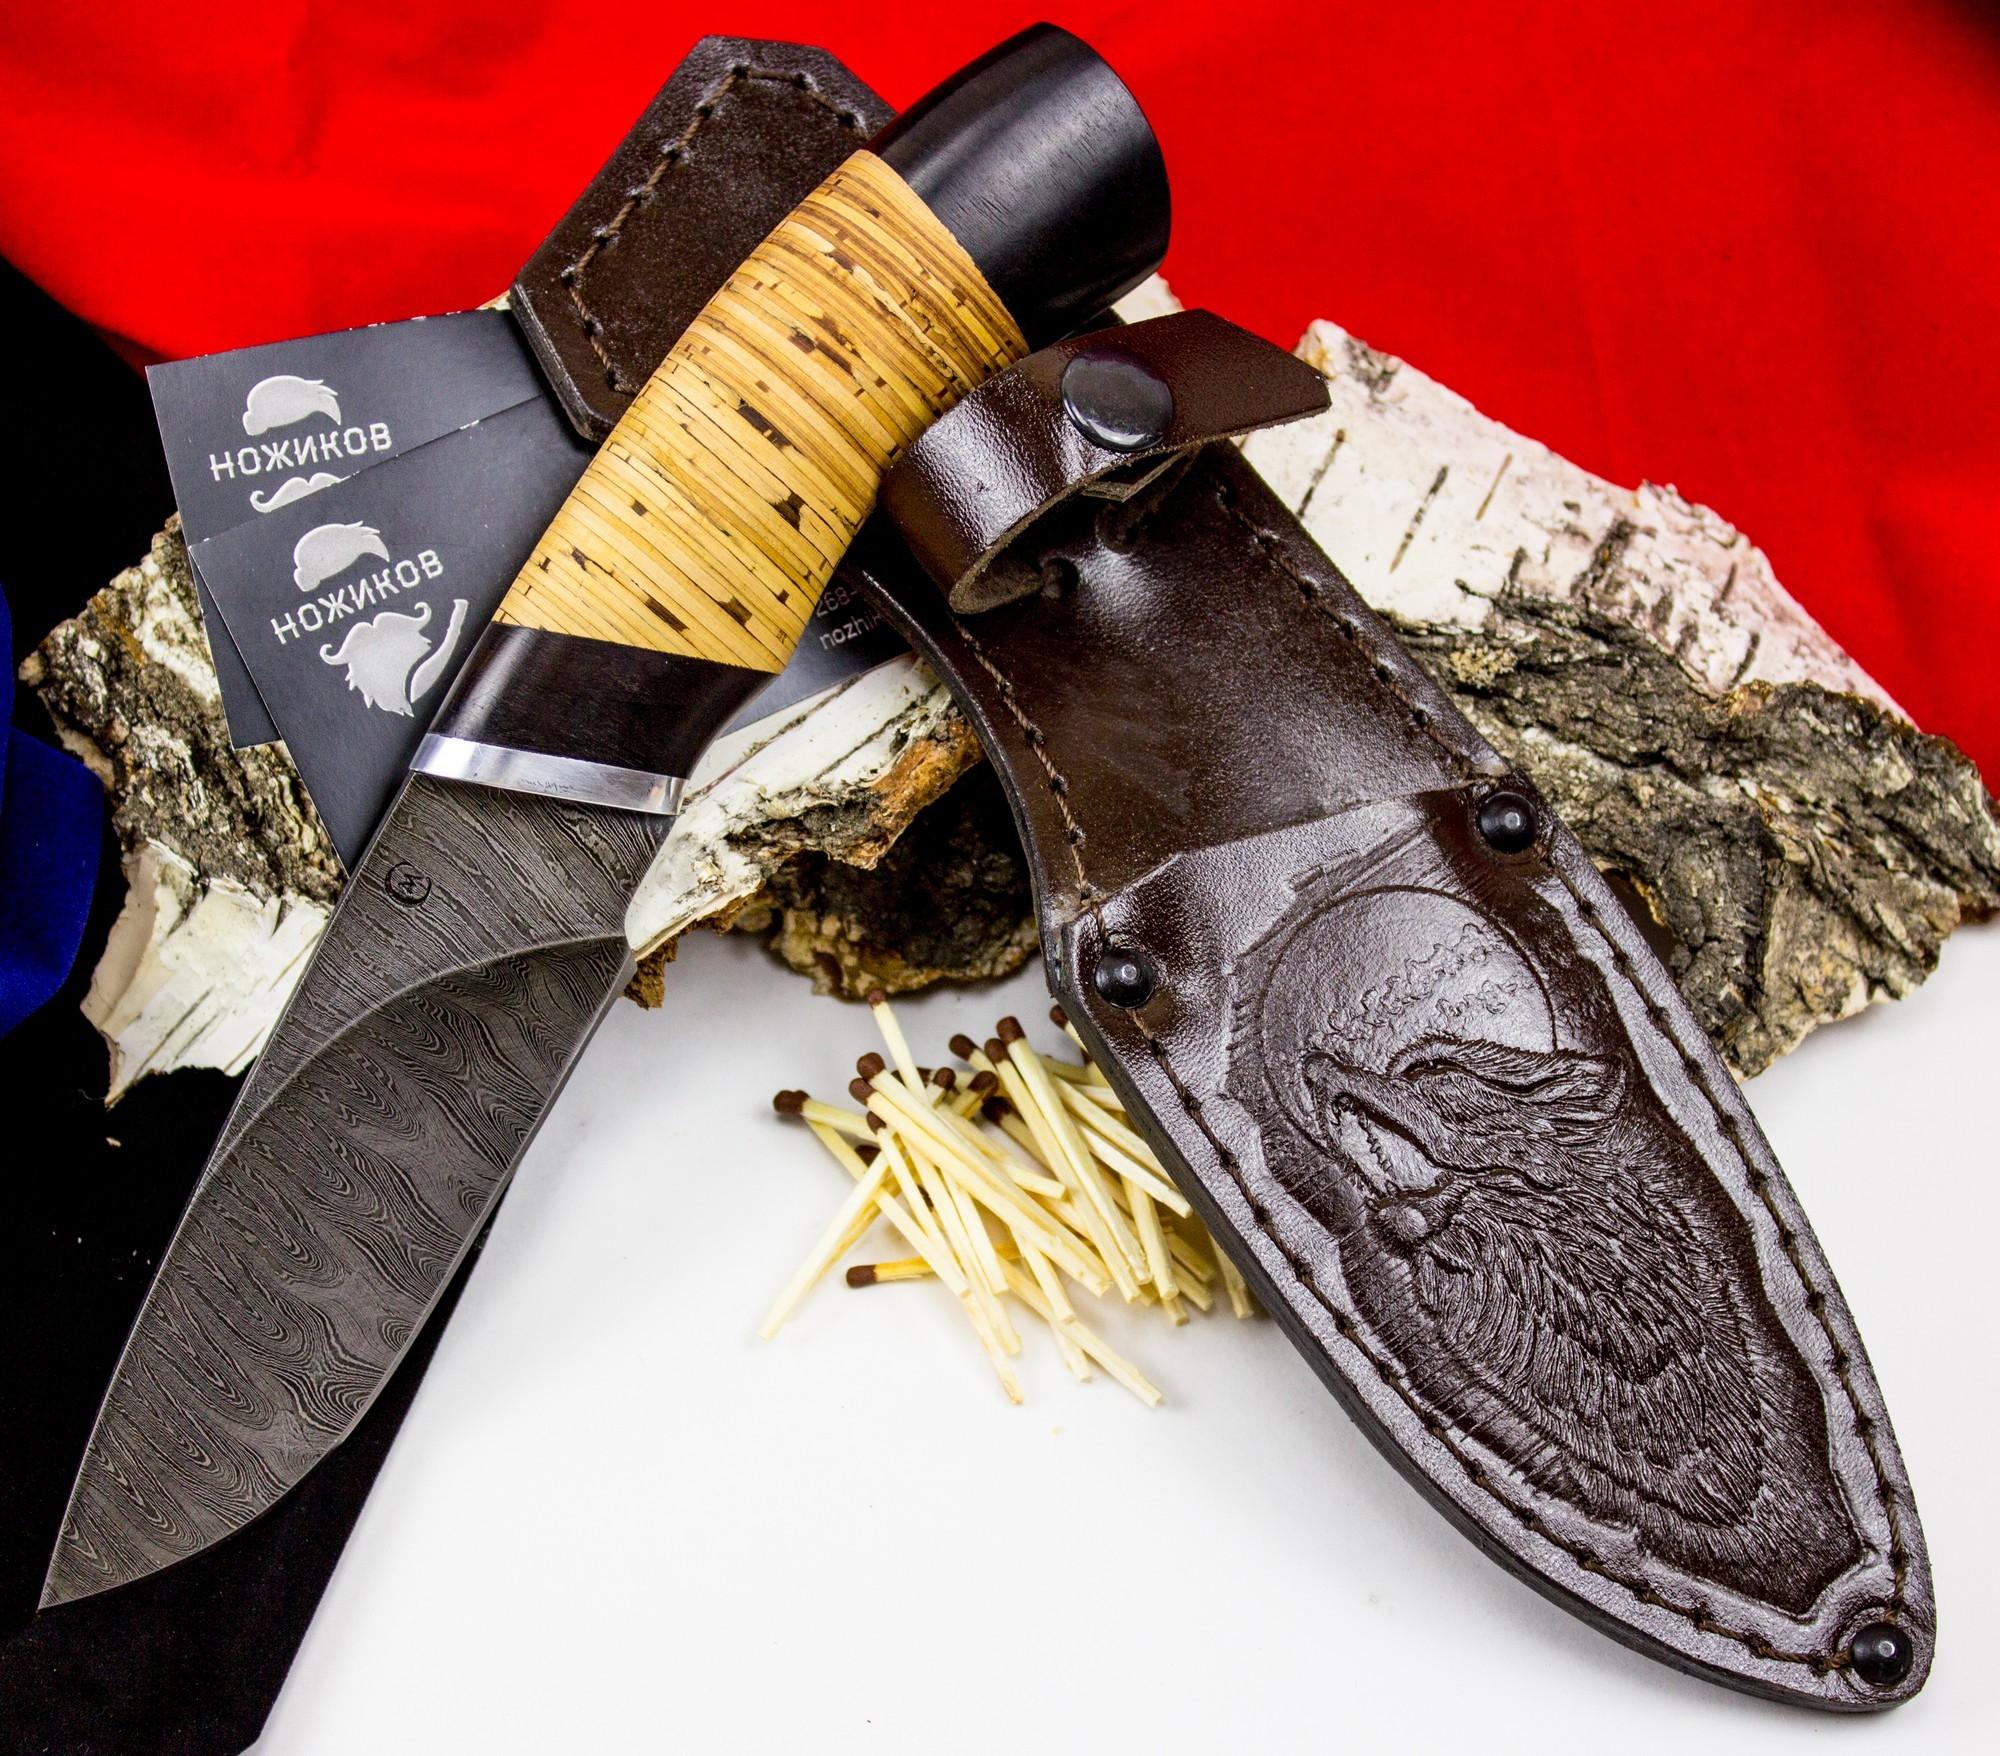 Фото 8 - Нож Разделочный, дамасская сталь от Кузница Семина